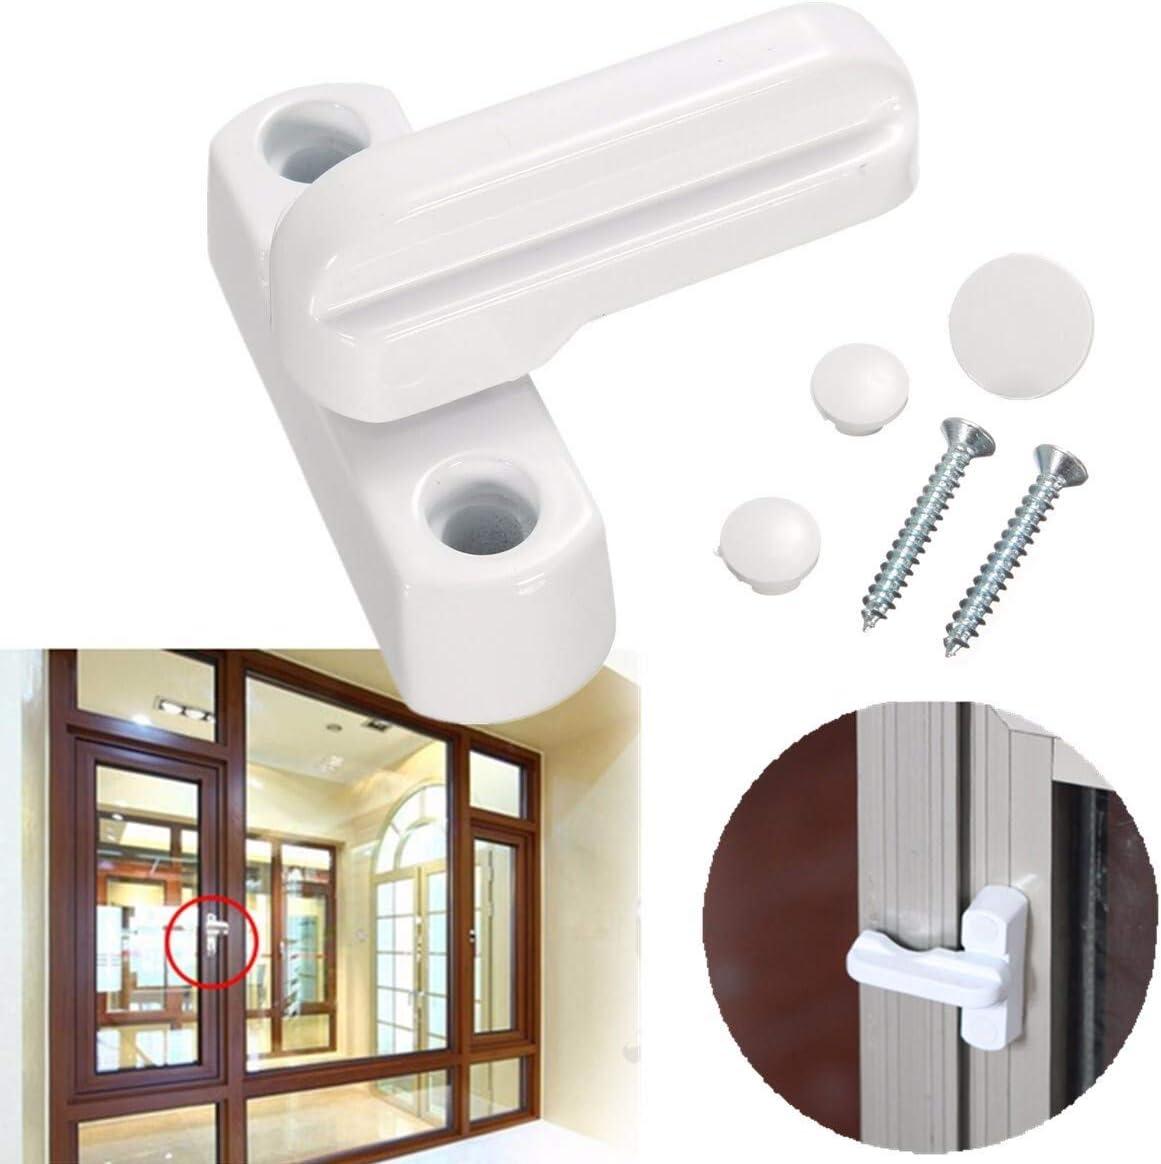 Ventana de Bloqueo Ventana de aluminio de aleación de zinc de UPVC bloqueo de la puerta ventanas de guillotina Inhibidores adicionales de seguridad Bloqueo de giro antirrobo ventana de la puerta Cierr: